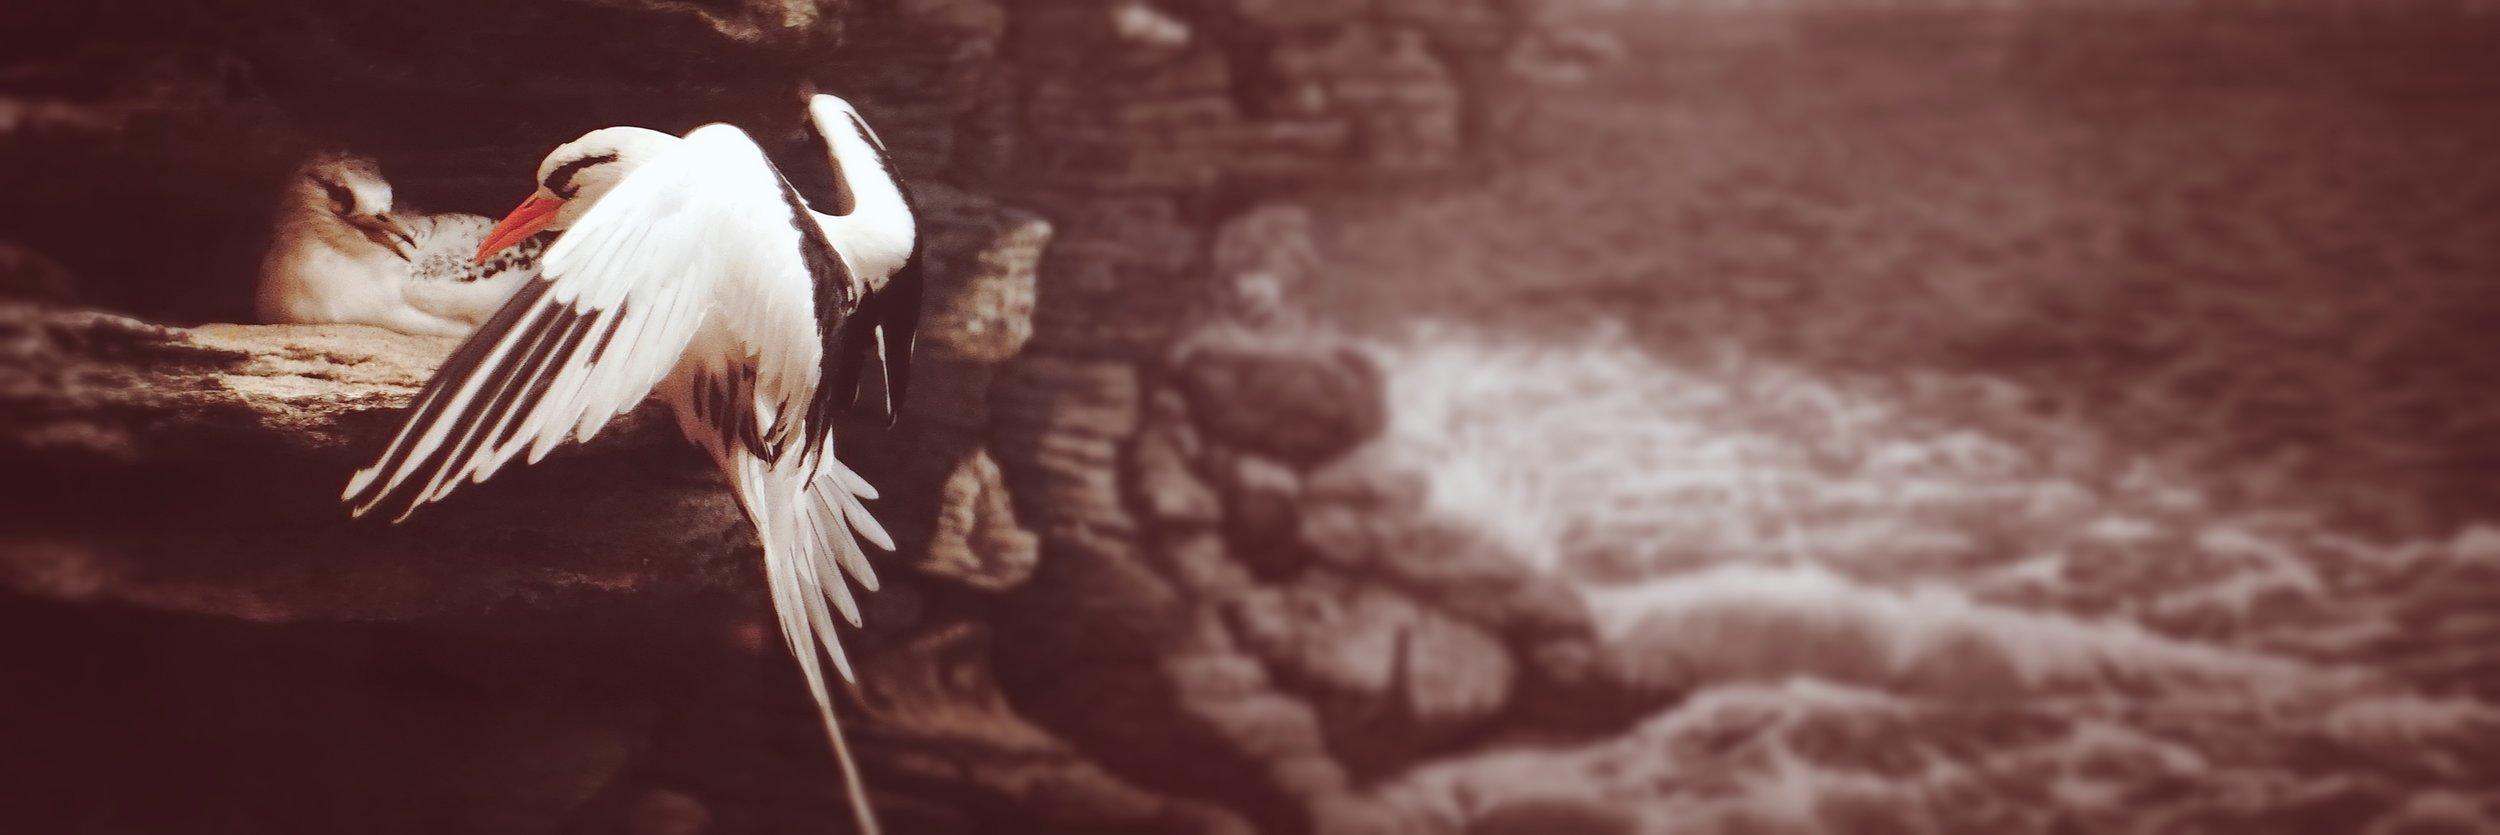 bird_cliff_bermuda_nickoson.JPG